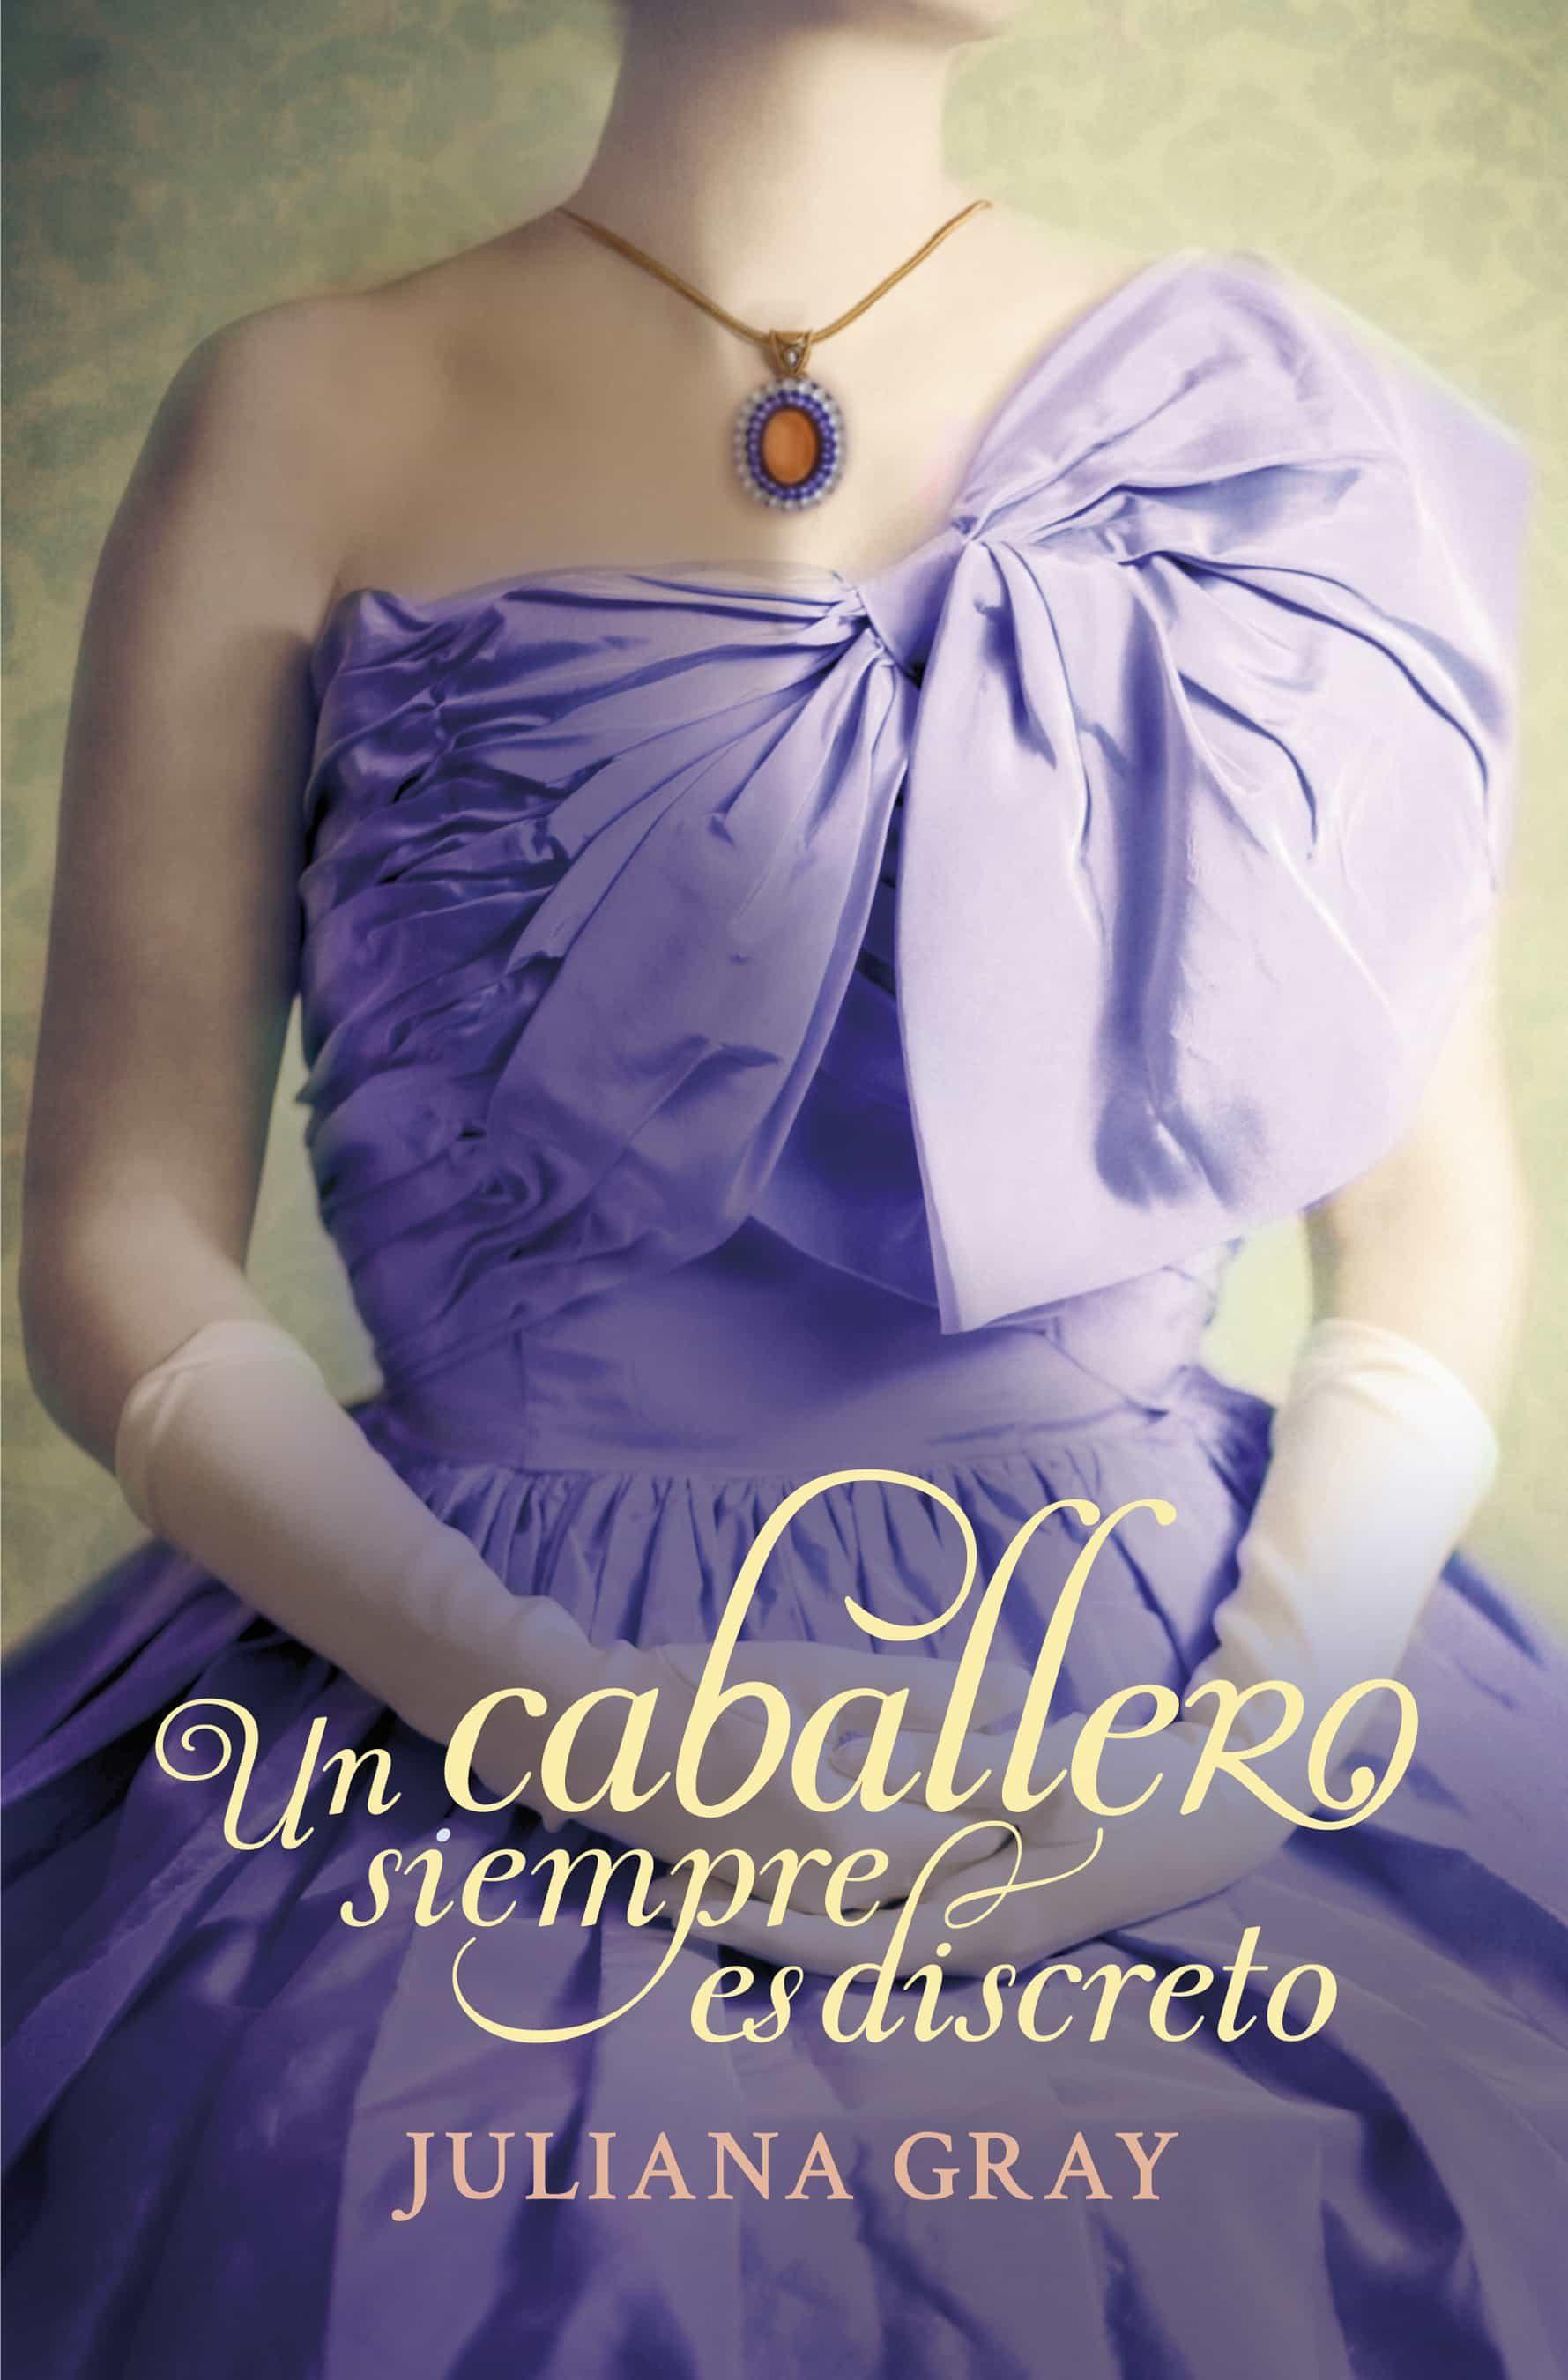 ¡¡Juego de Portadas!! - Página 6 Un-caballero-siempre-es-discreto-romances-a-la-luz-de-la-luna-2-ebook-9788401342257